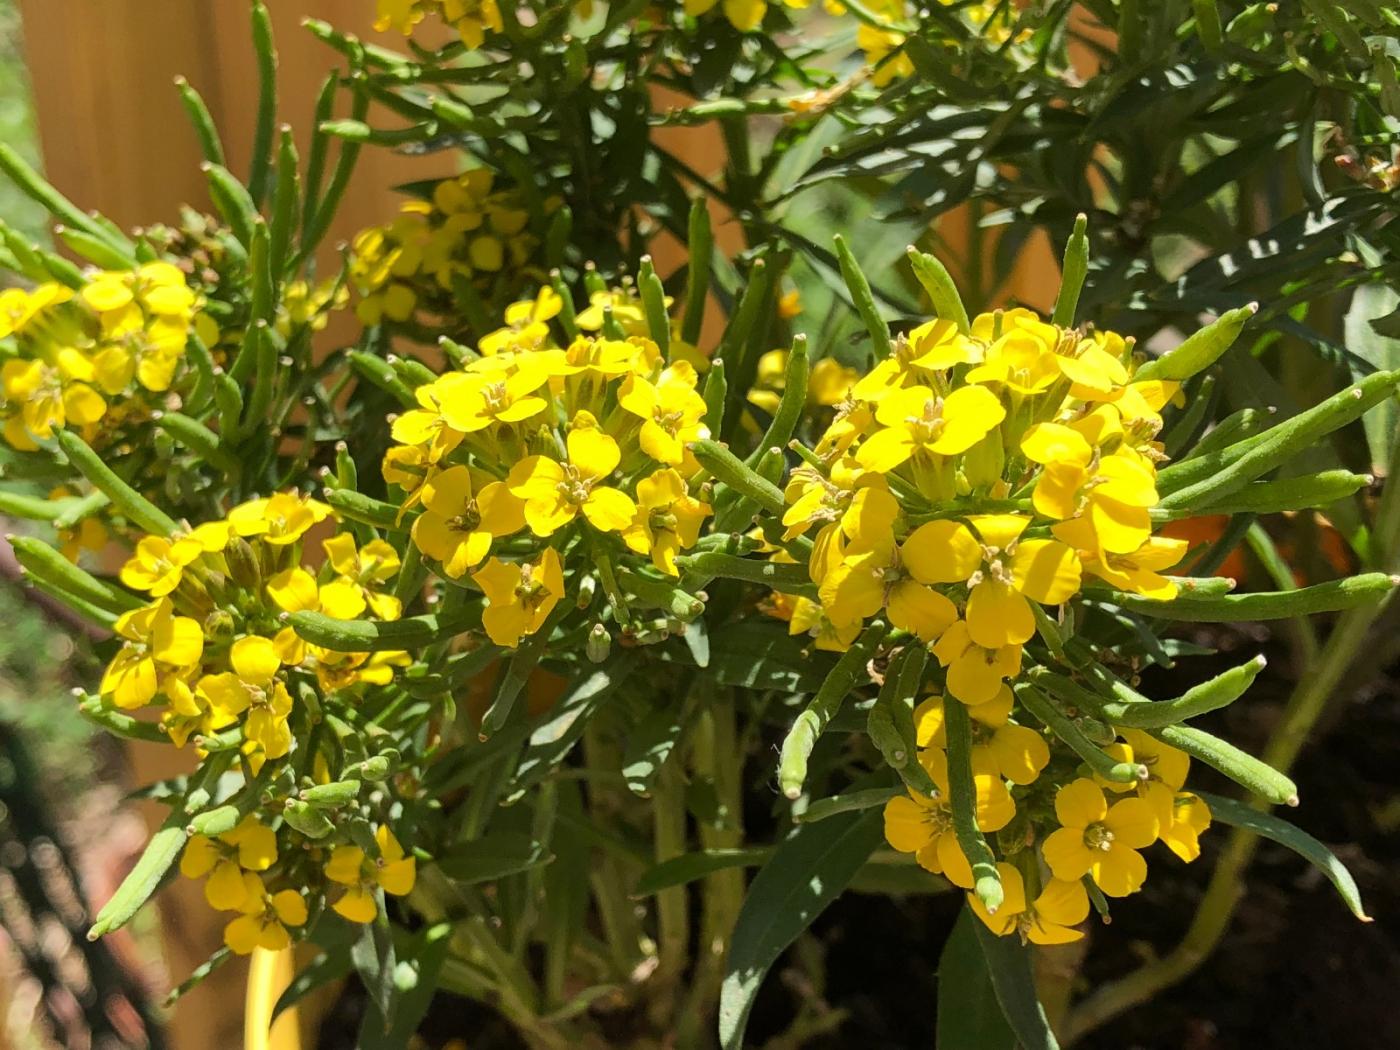 【田螺隨拍】分享去THE HOME DEPOT紅地鋪買花的經驗_圖1-11